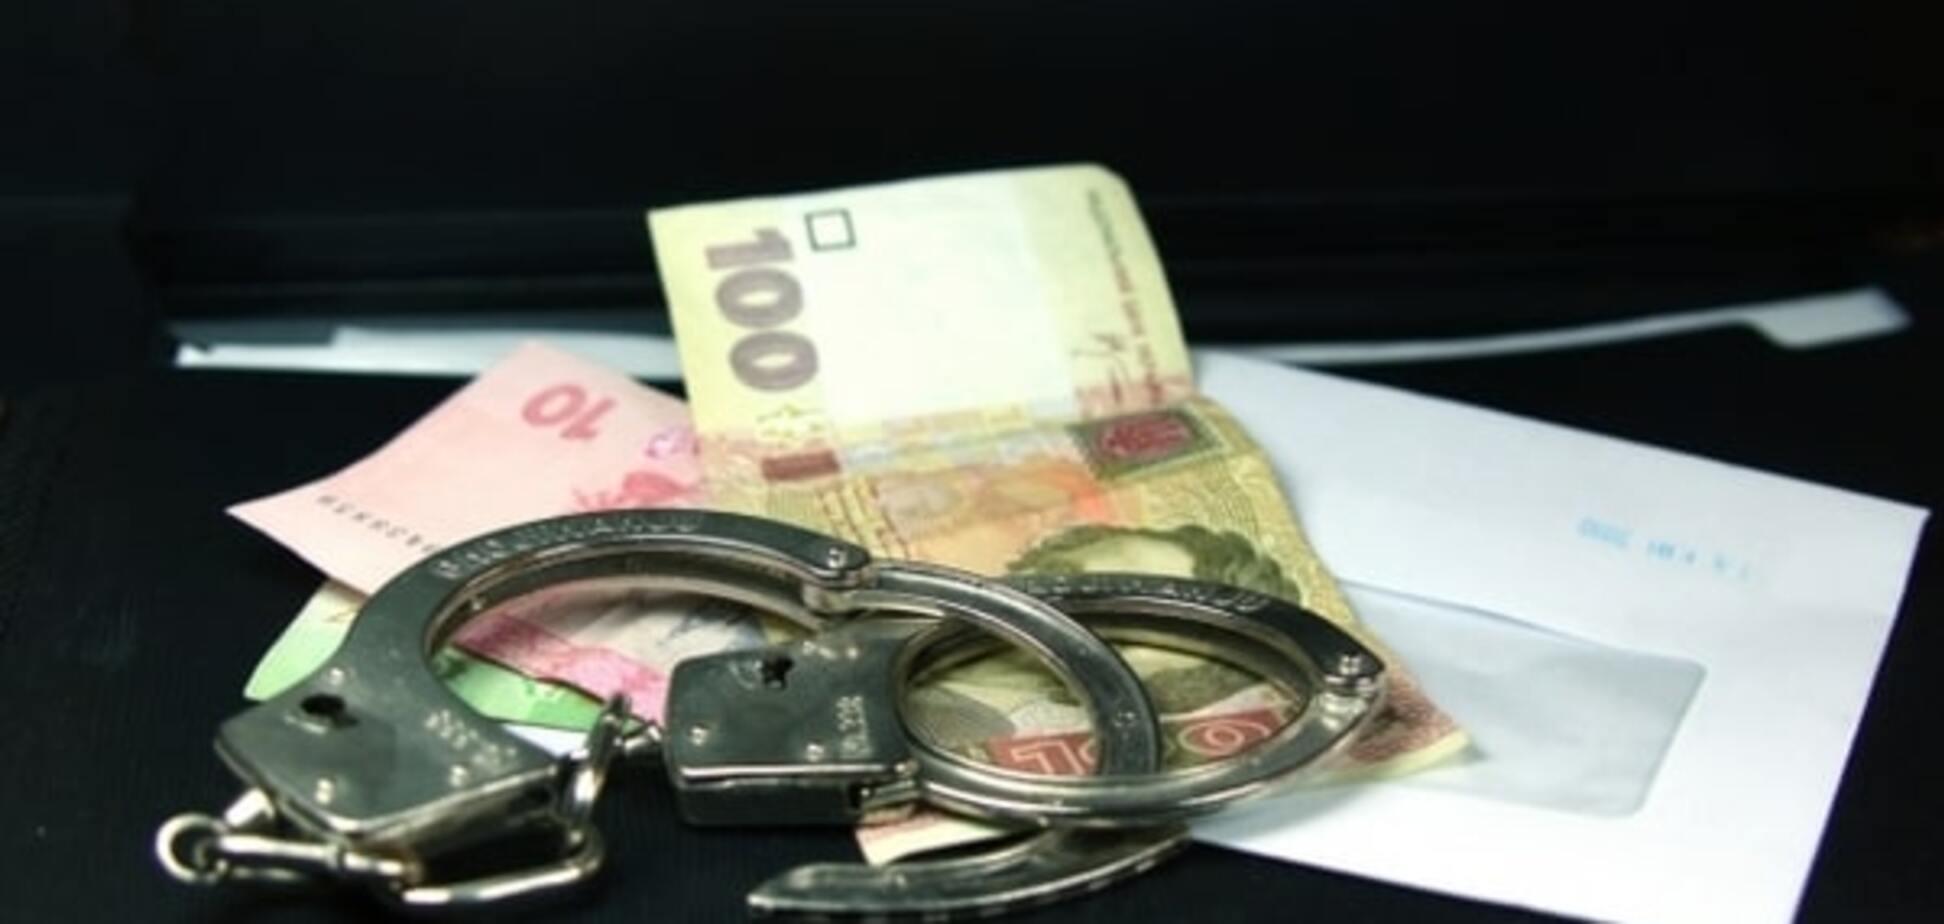 Взяли на гарячому: в Генічеську міліціонер попався на хабарі в 50 тис. грн - ЗМІ